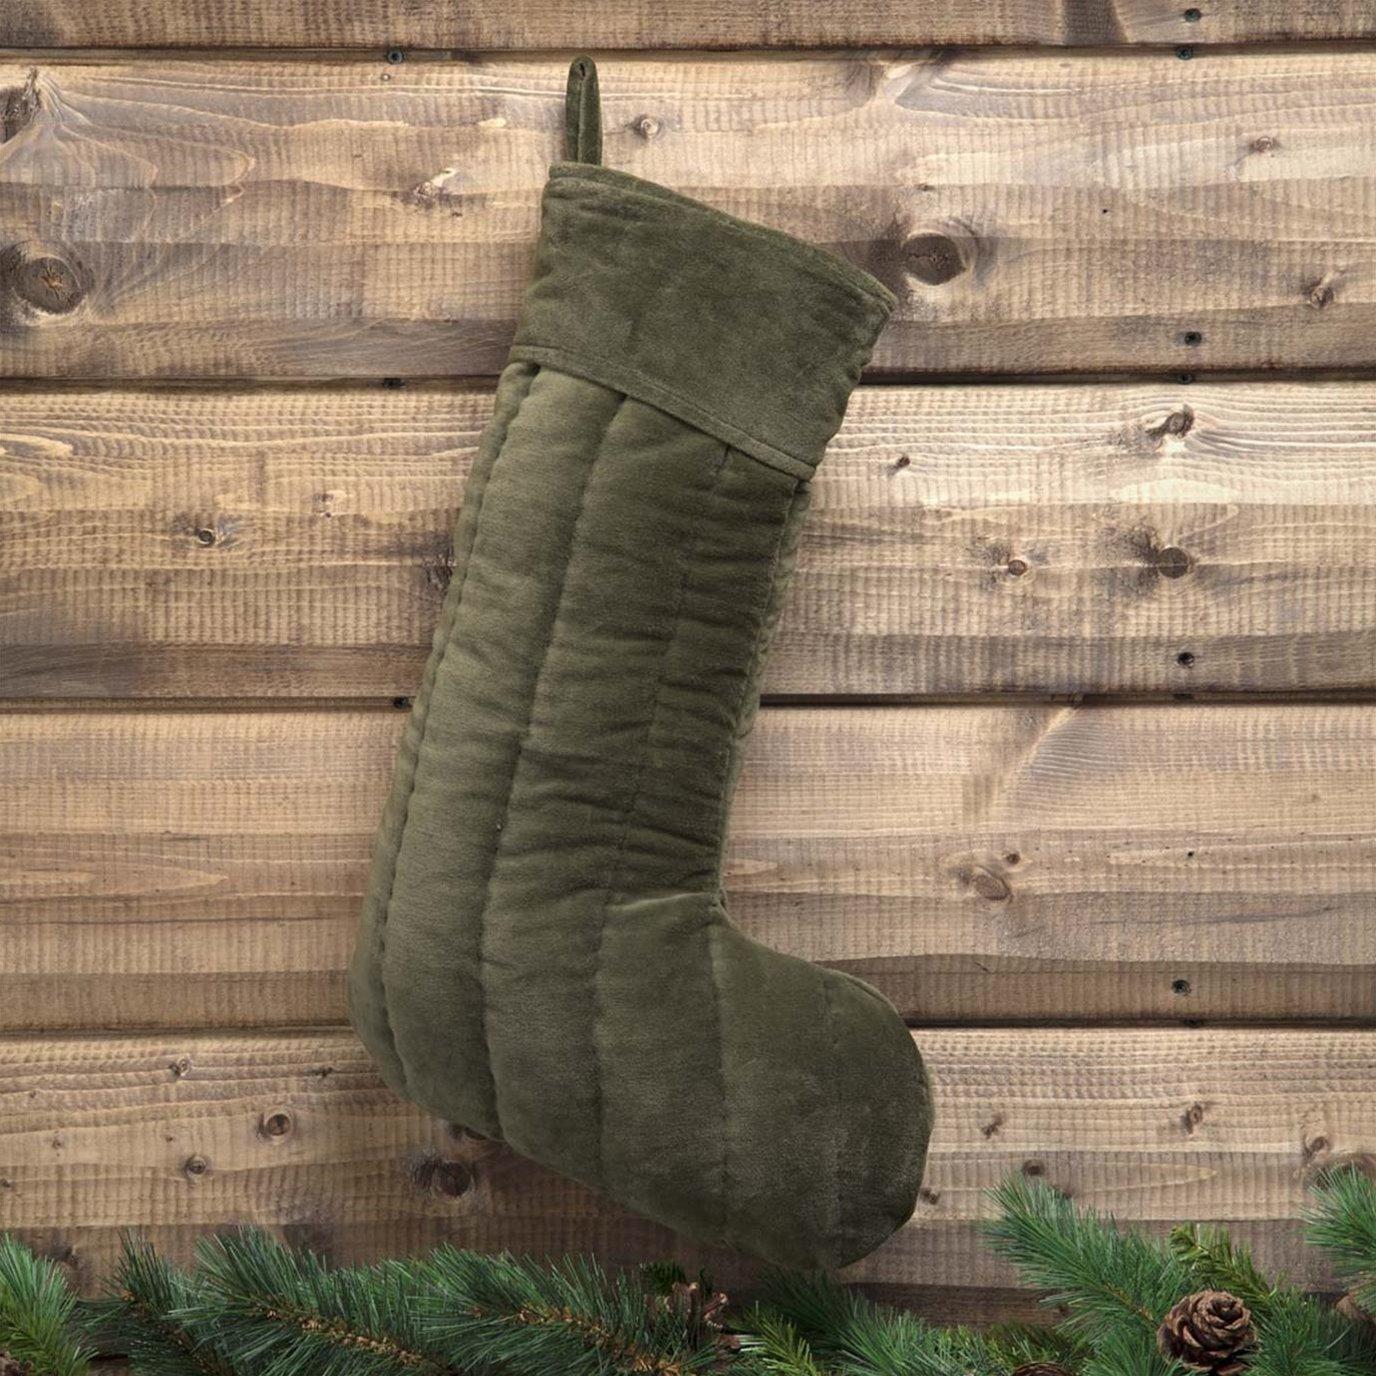 Velvet Green Stocking 12x20